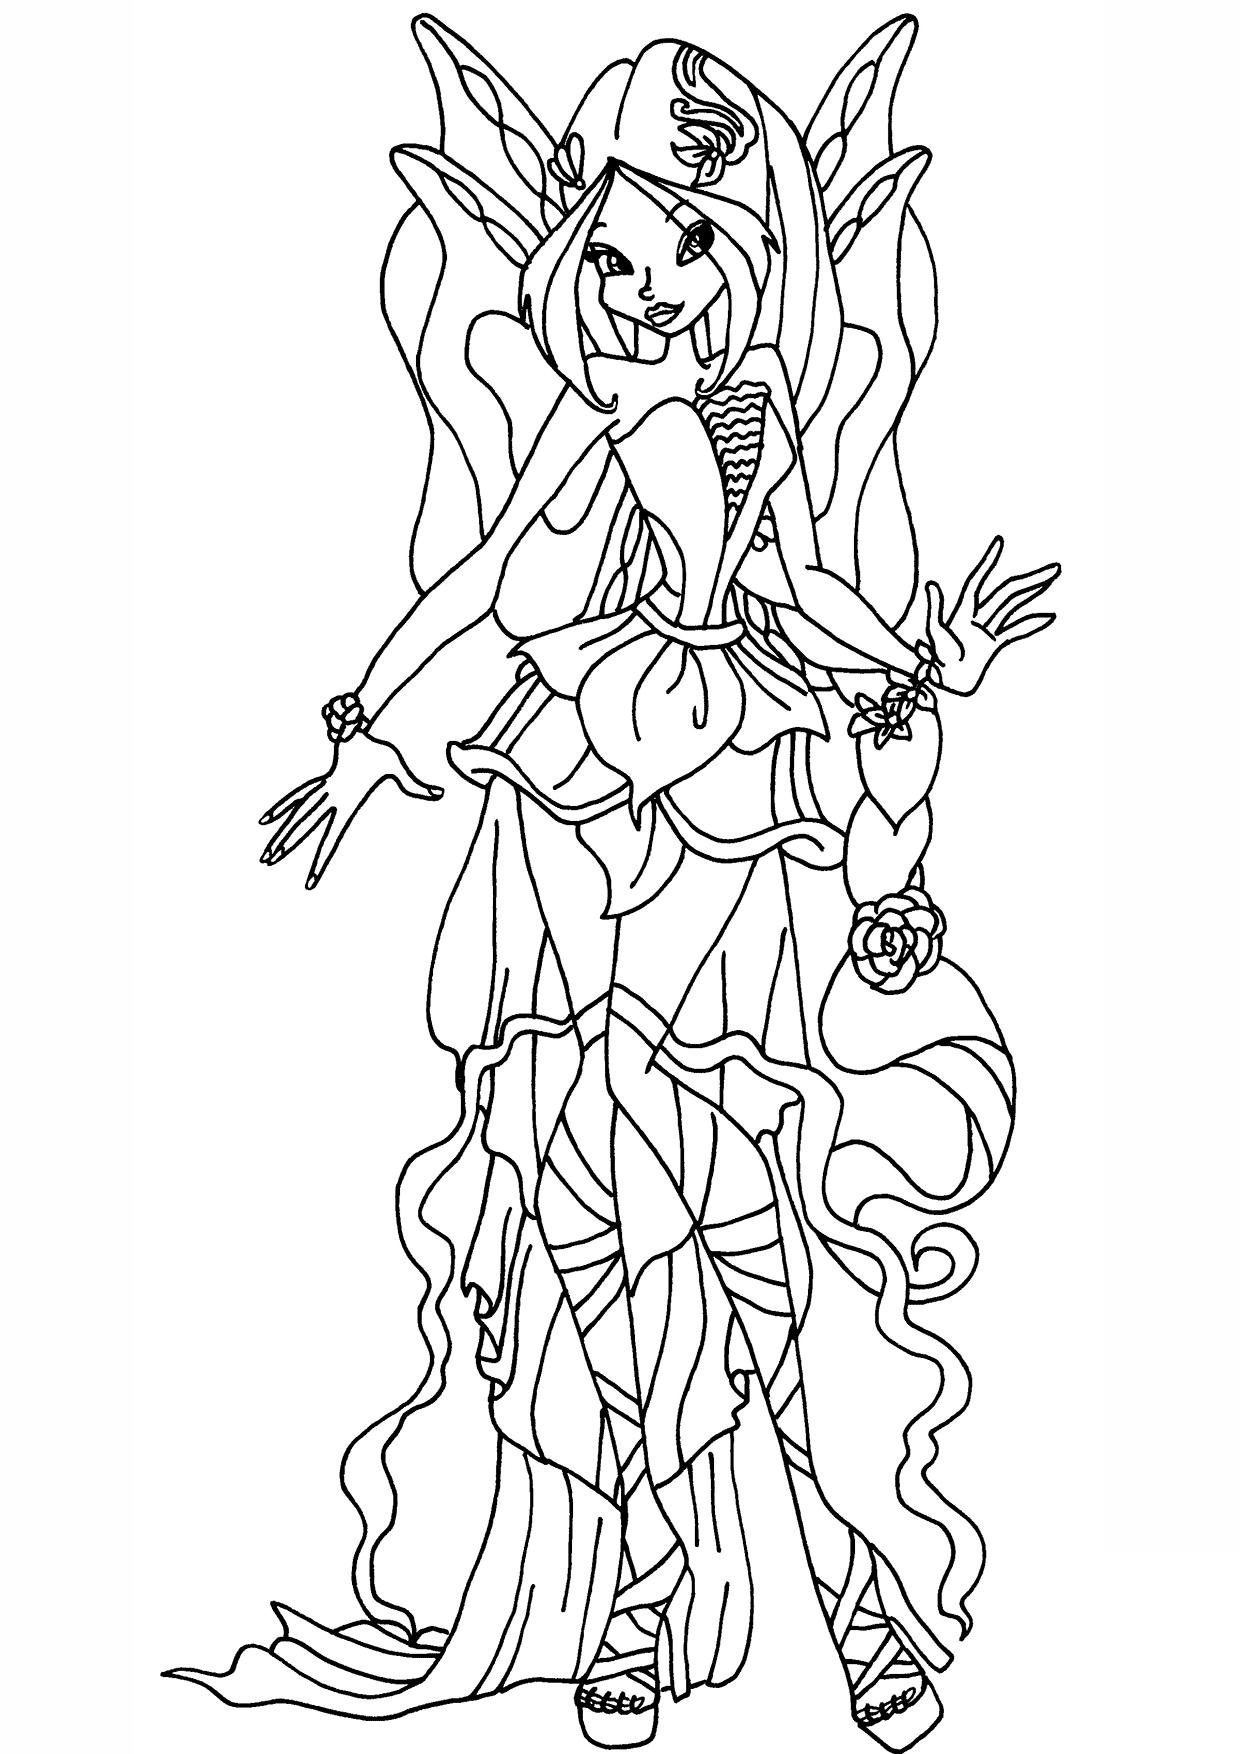 Tranh tập tô màu công chúa phép thuật Winx đẹp